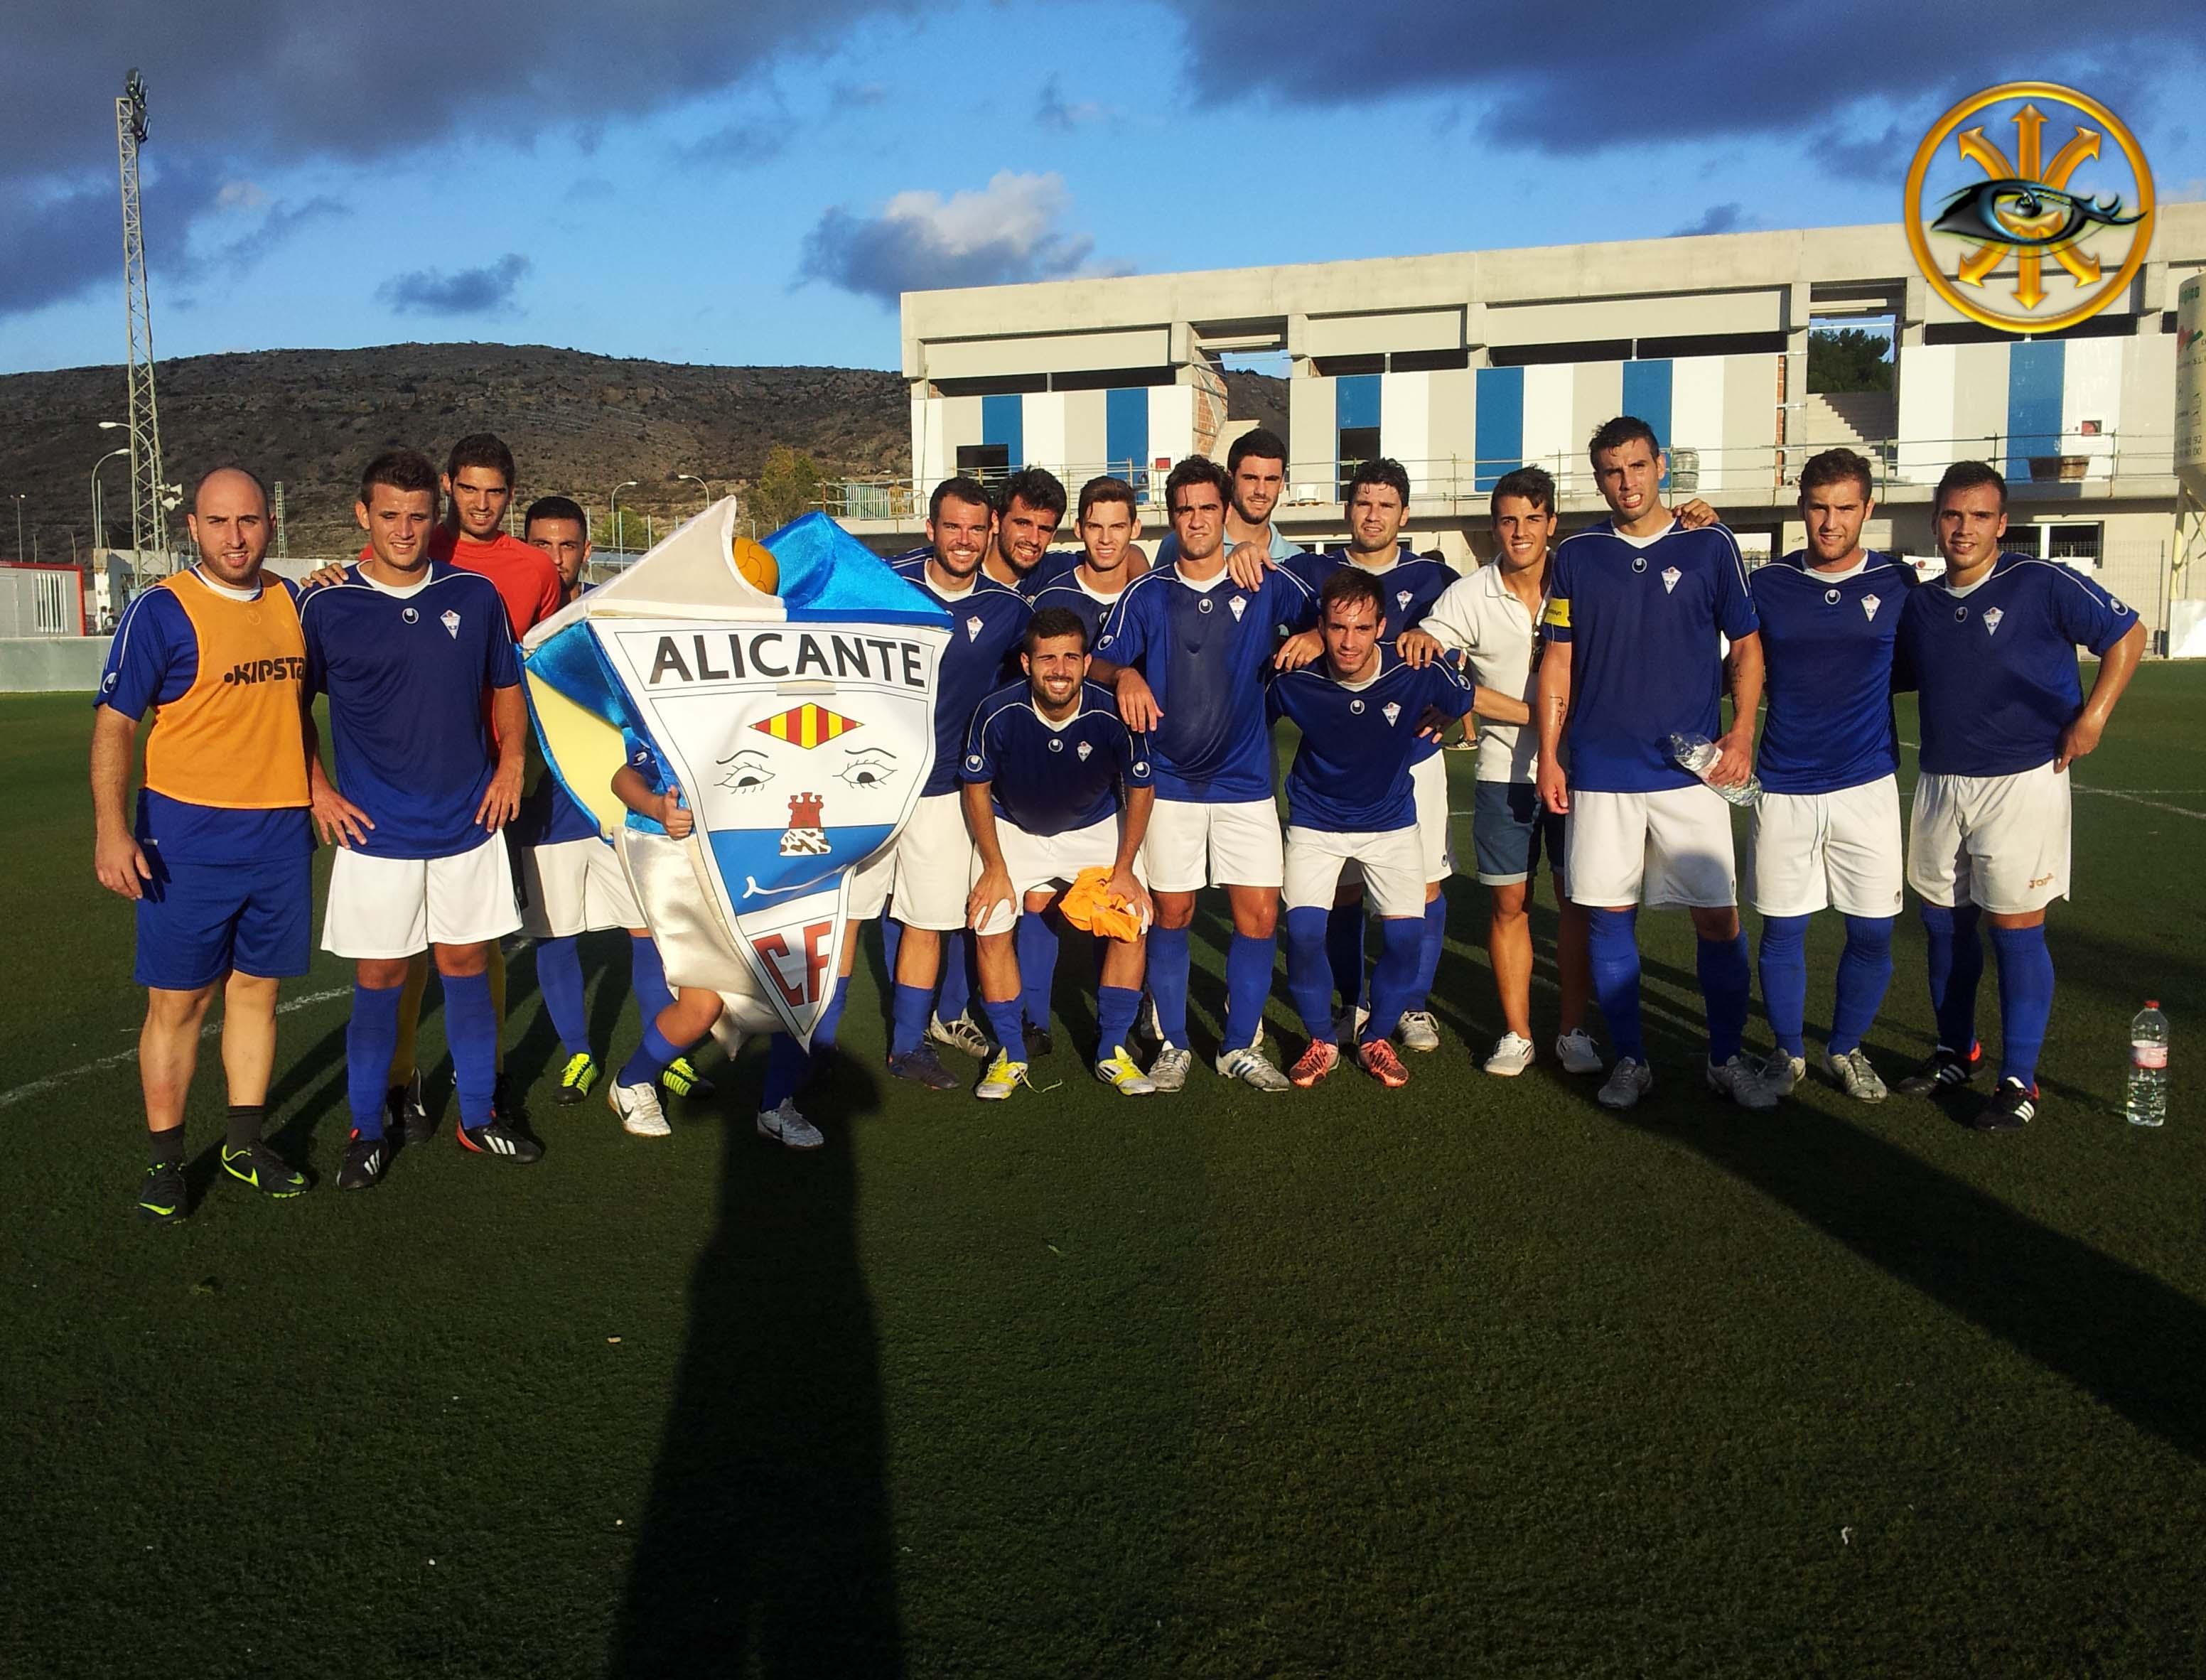 El Alicante vuelve al LIDERATO!!!!